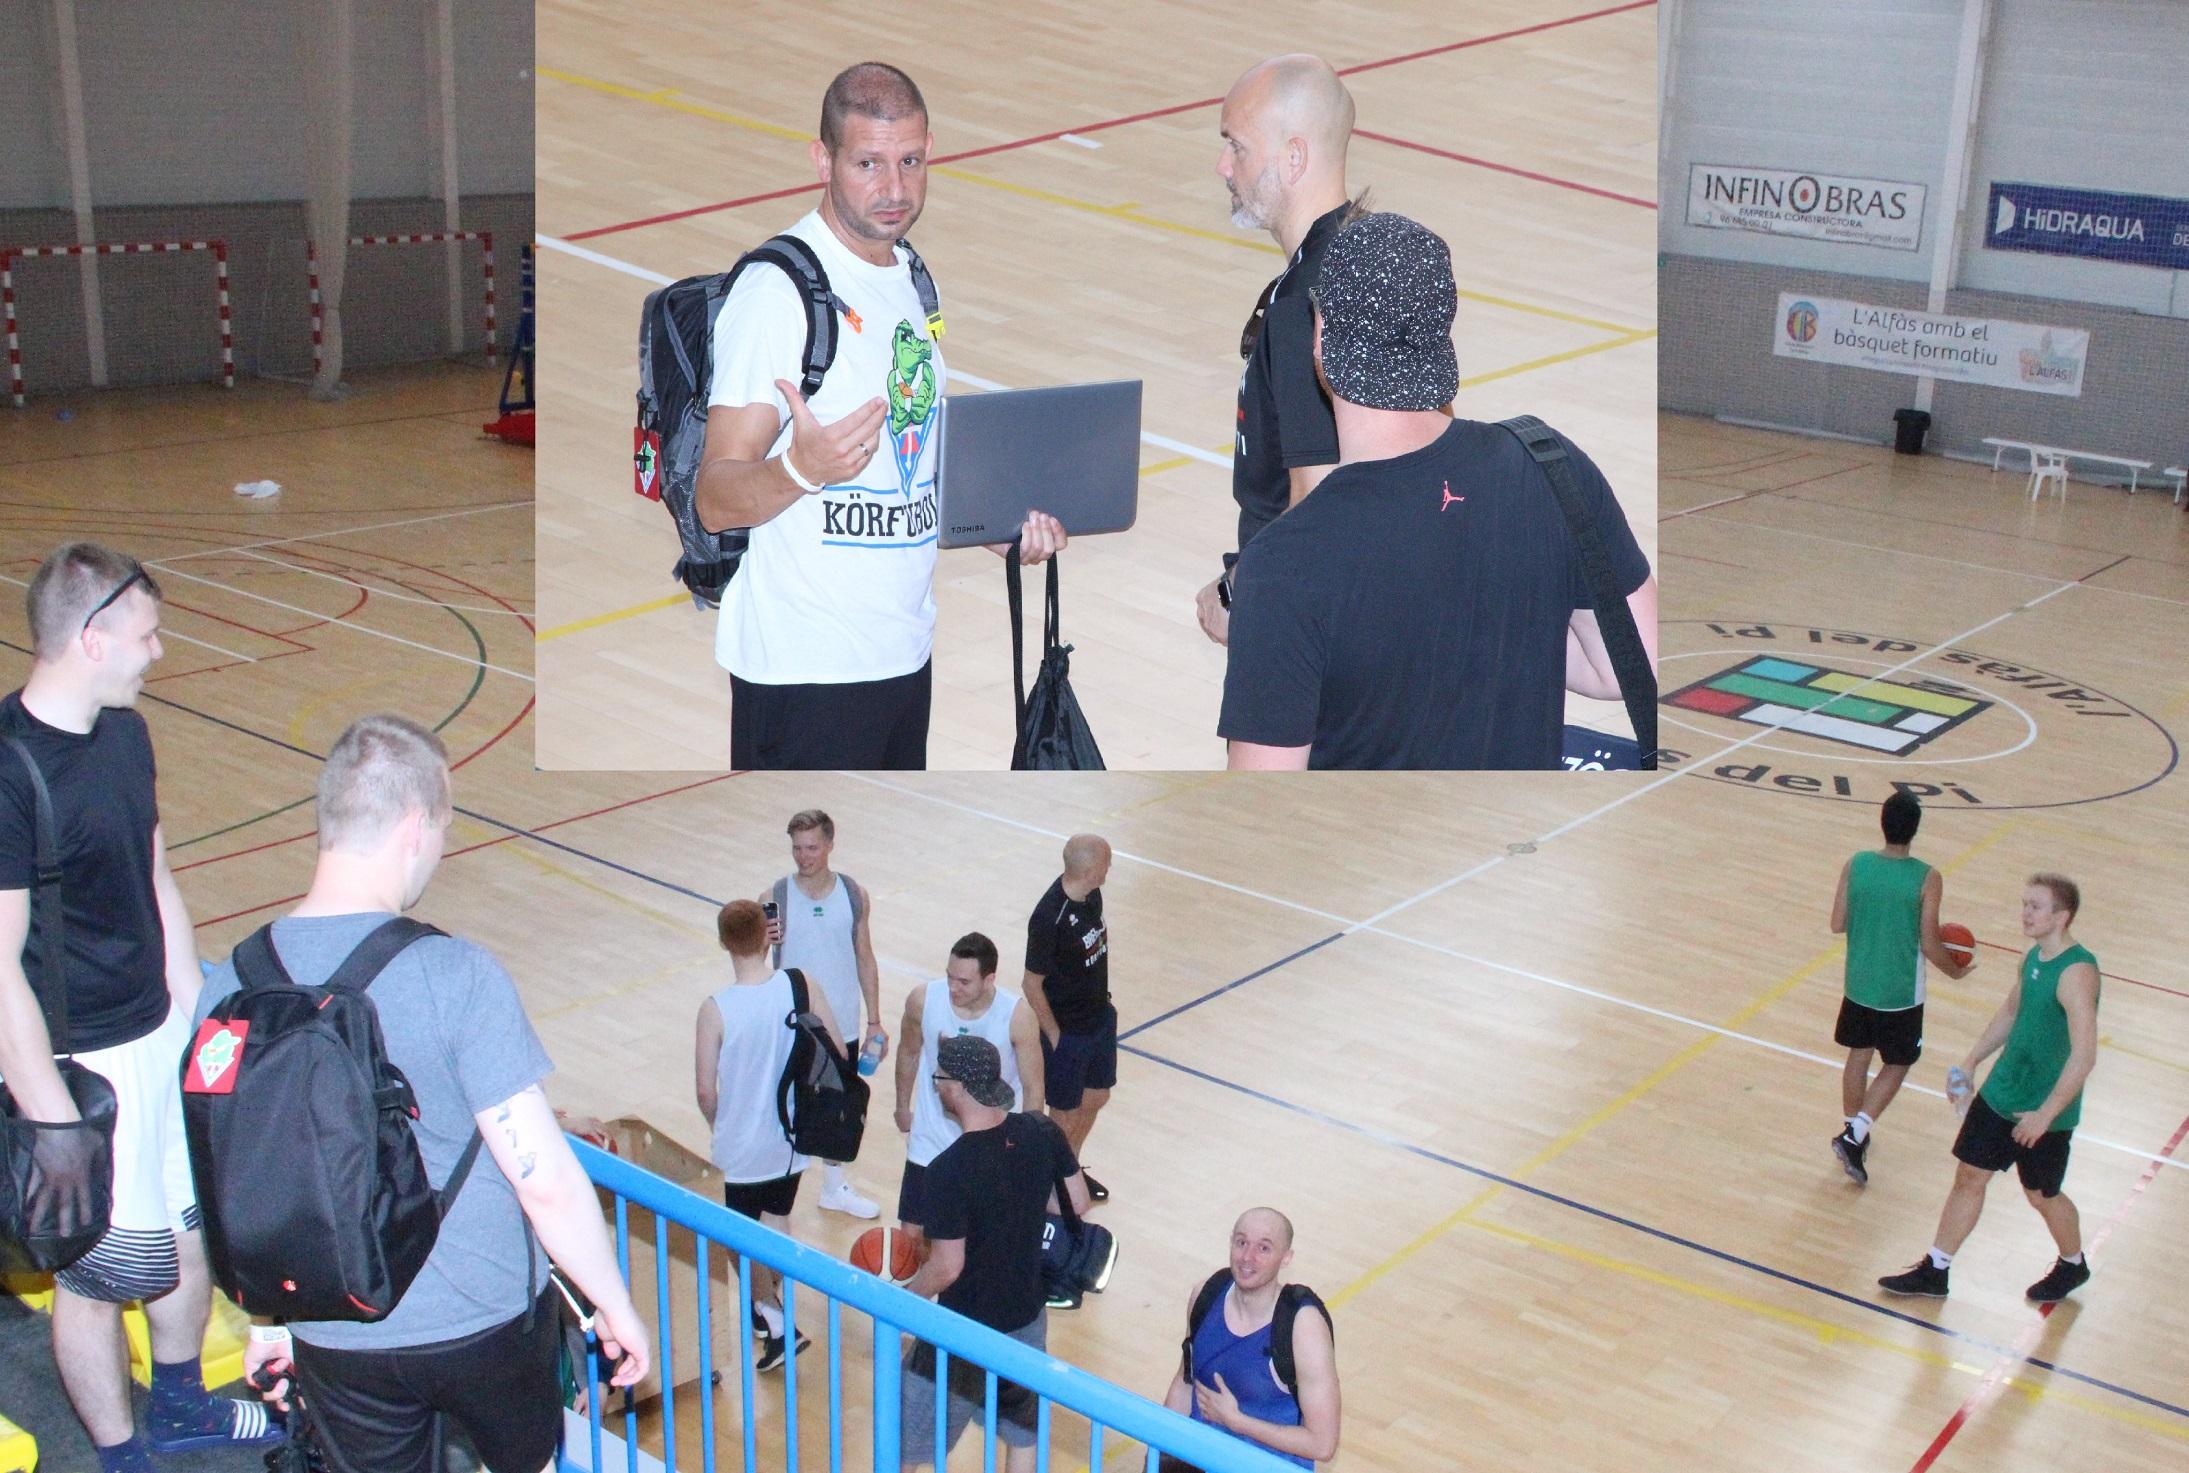 Otro equipo islandés de Baloncesto el  Breiðablik elige el pabellón Pau Gasol para empezar la temporada.